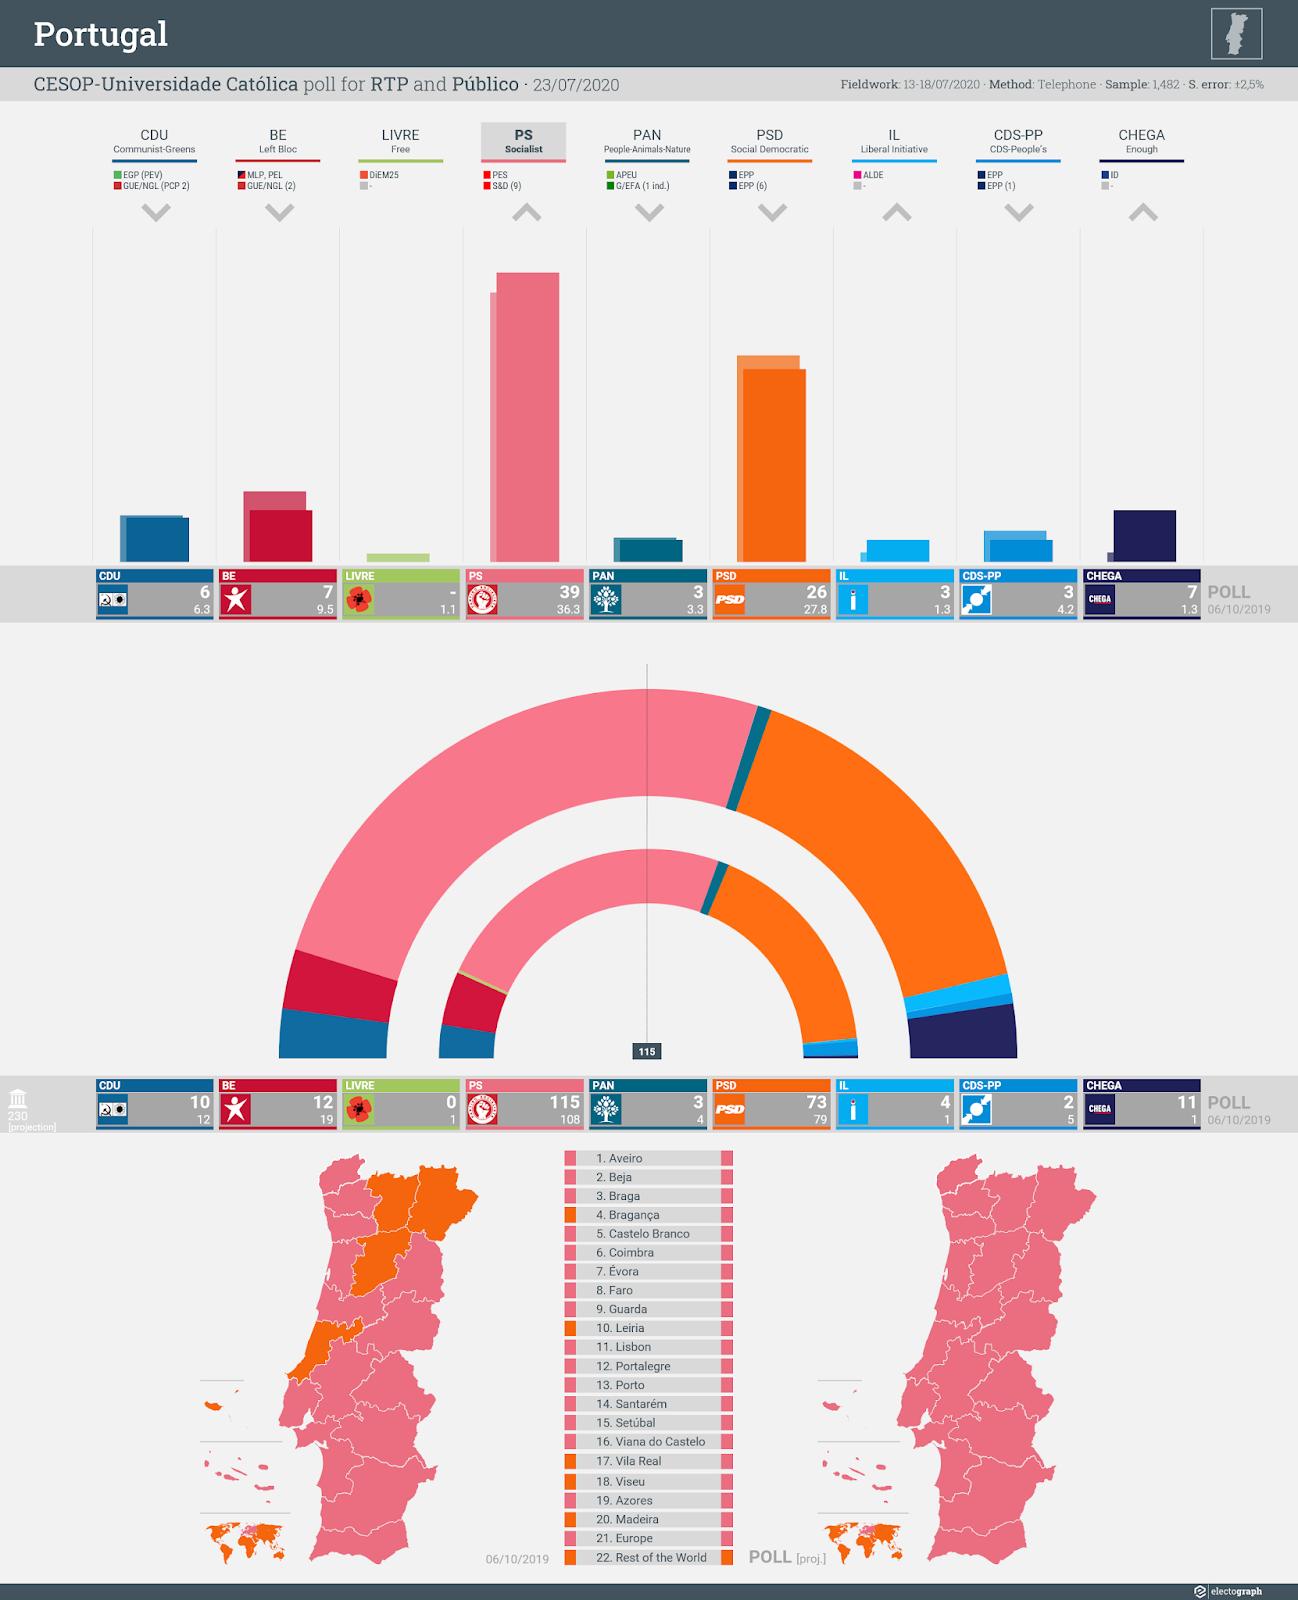 PORTUGAL: CESOP-Universidade Católica poll chart for RTP and Público, 23 July 2020